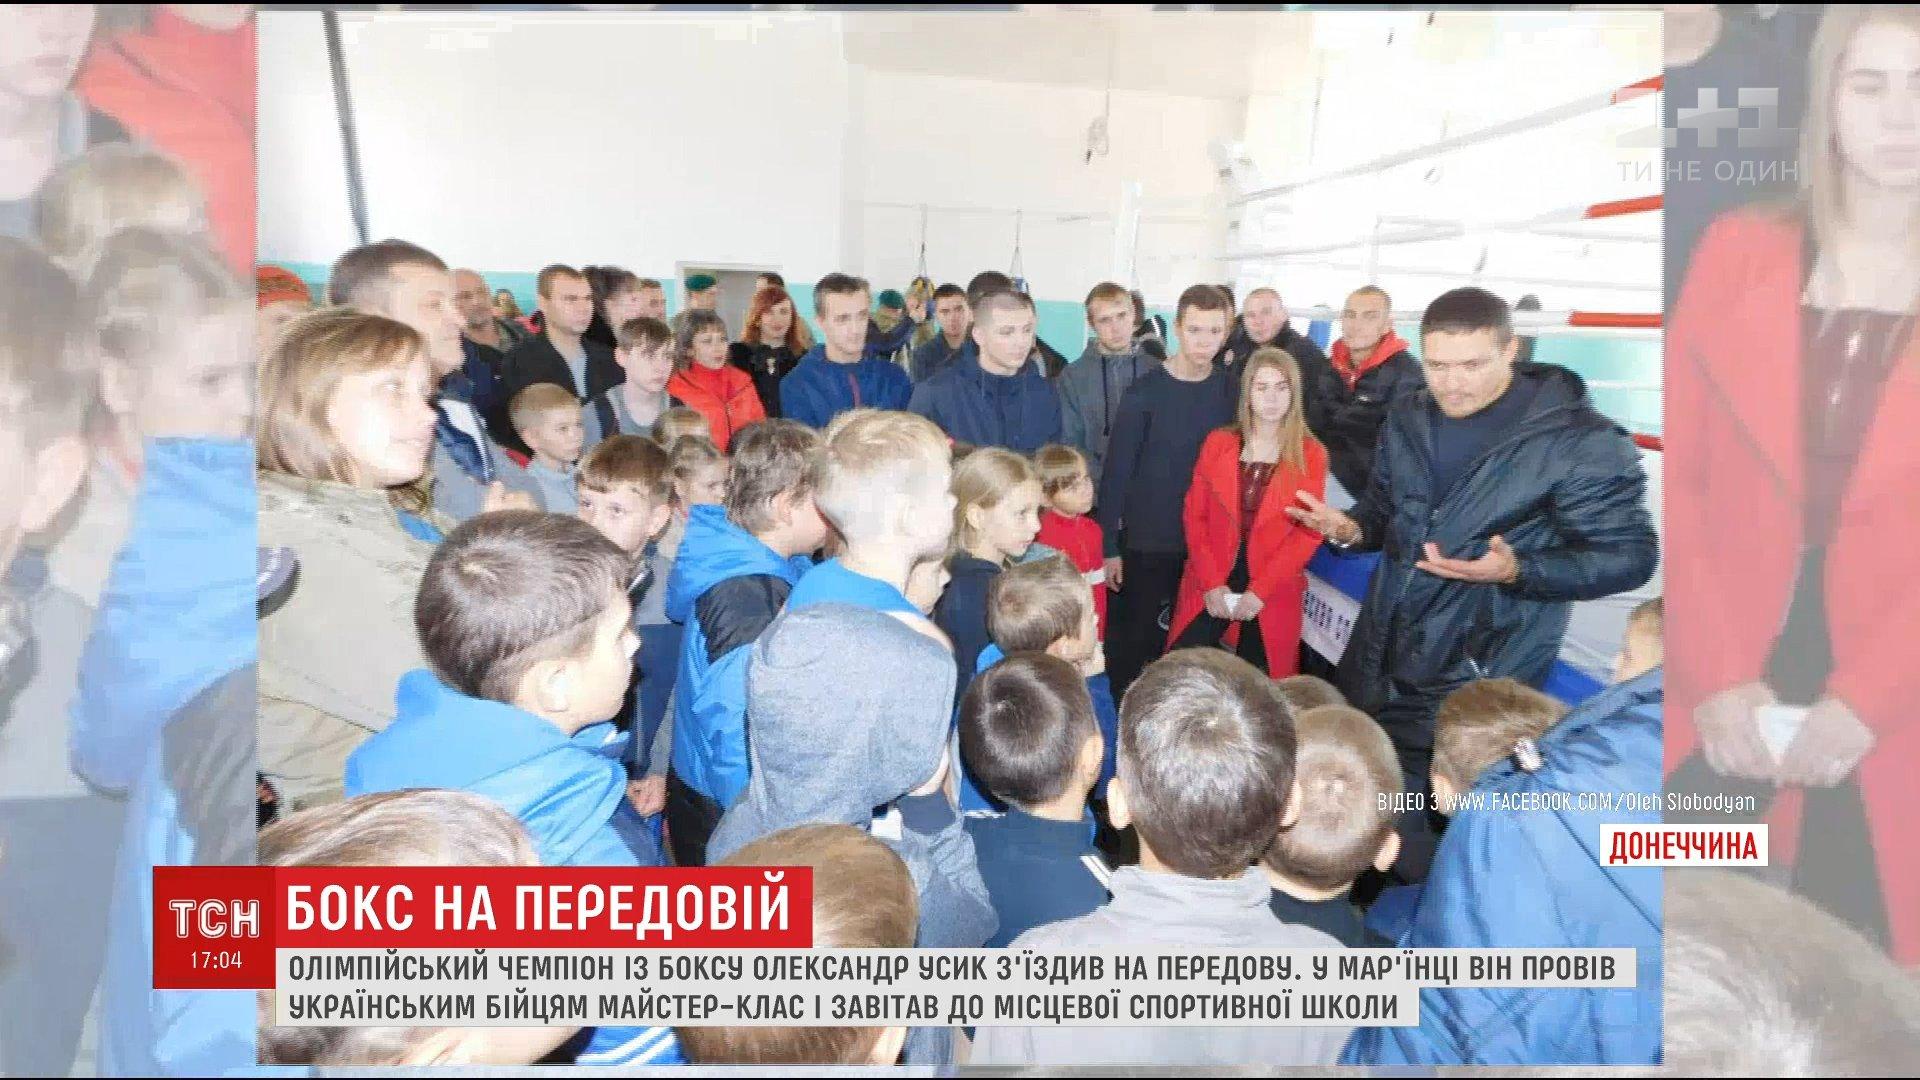 Александр Усик провел мастер-класс для украинских военных на передовой /